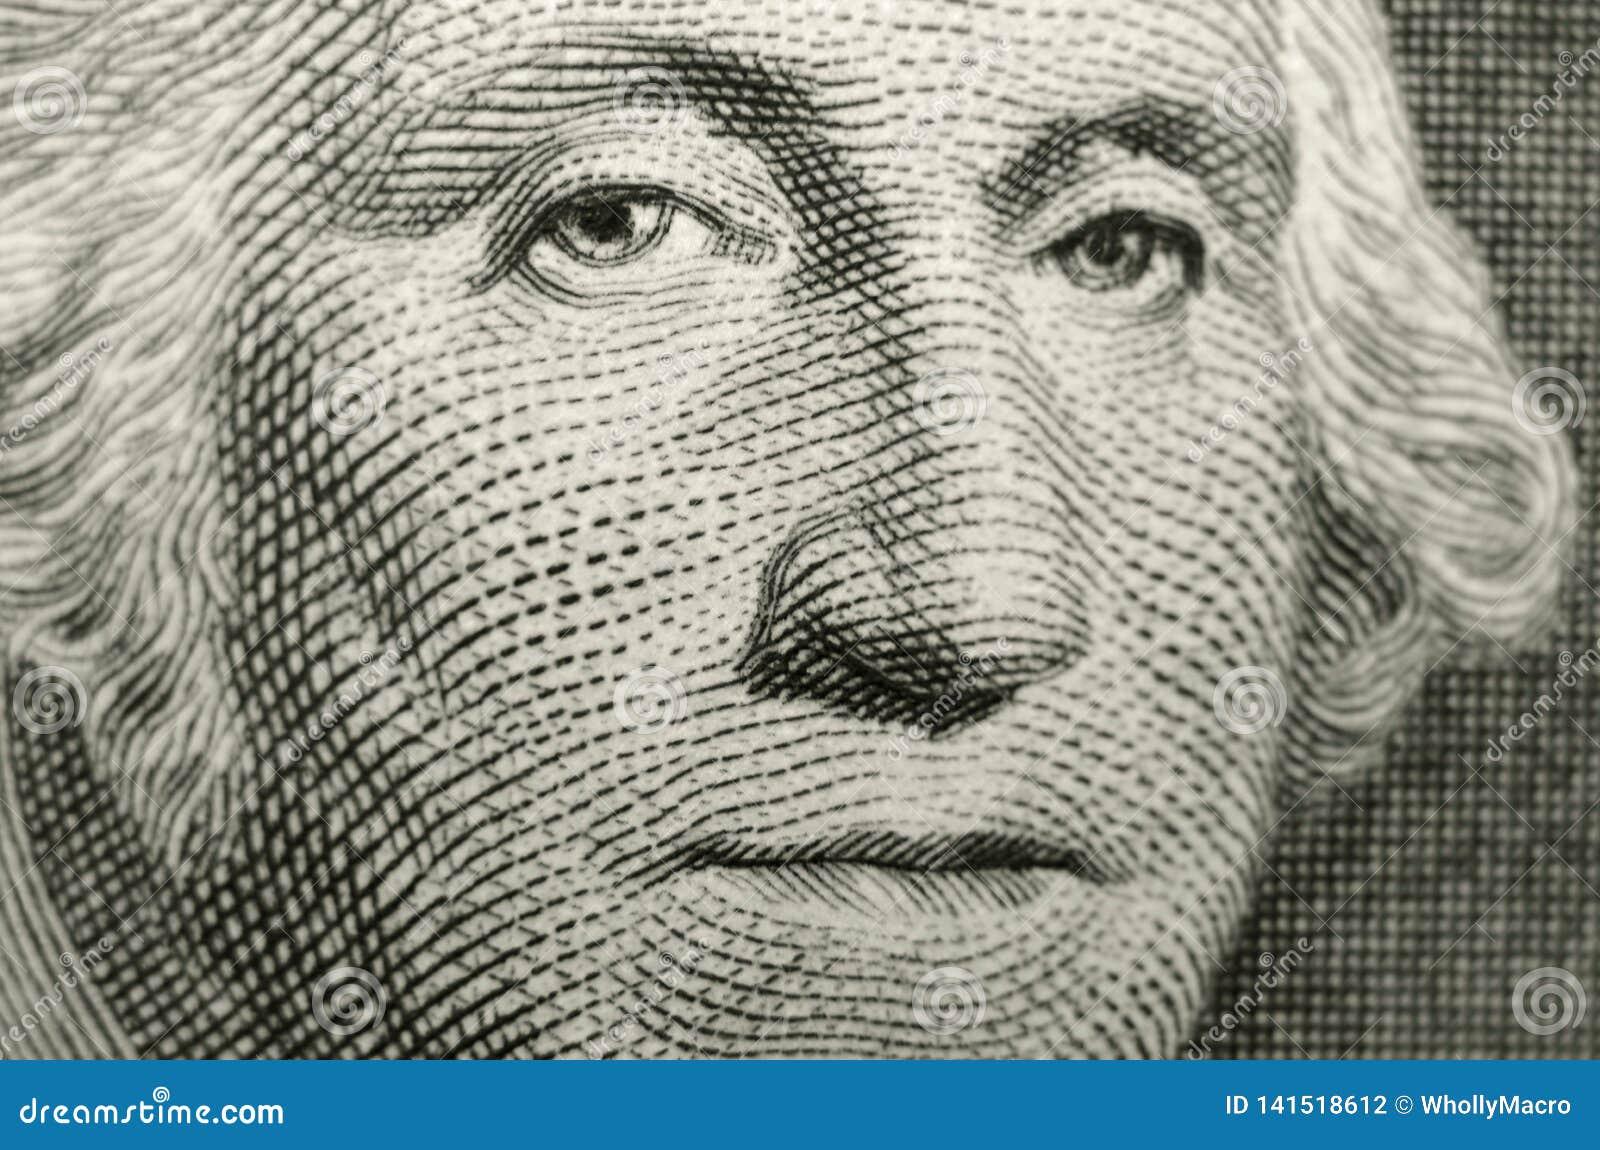 Flaches Fokusbild von den Vereinigten Staaten von Amerika Gründervater, Präsident George Washington